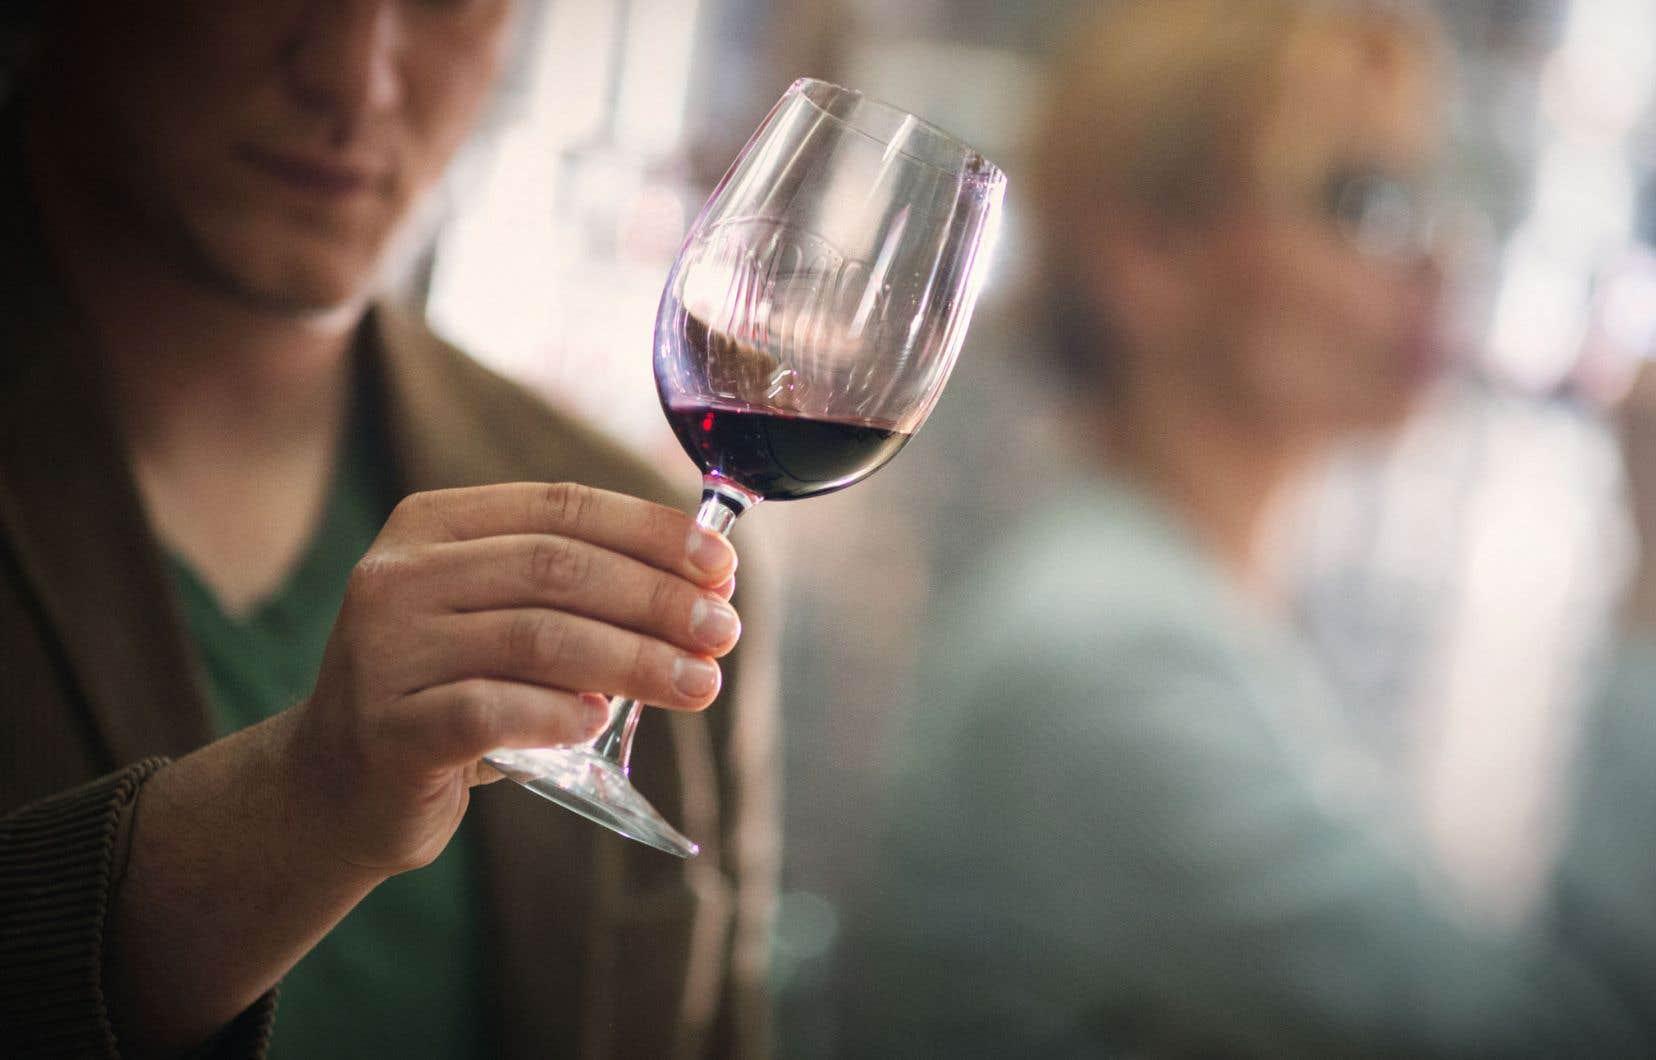 D'abord, respirez par le nez, pas de panique, c'est juste du vin.